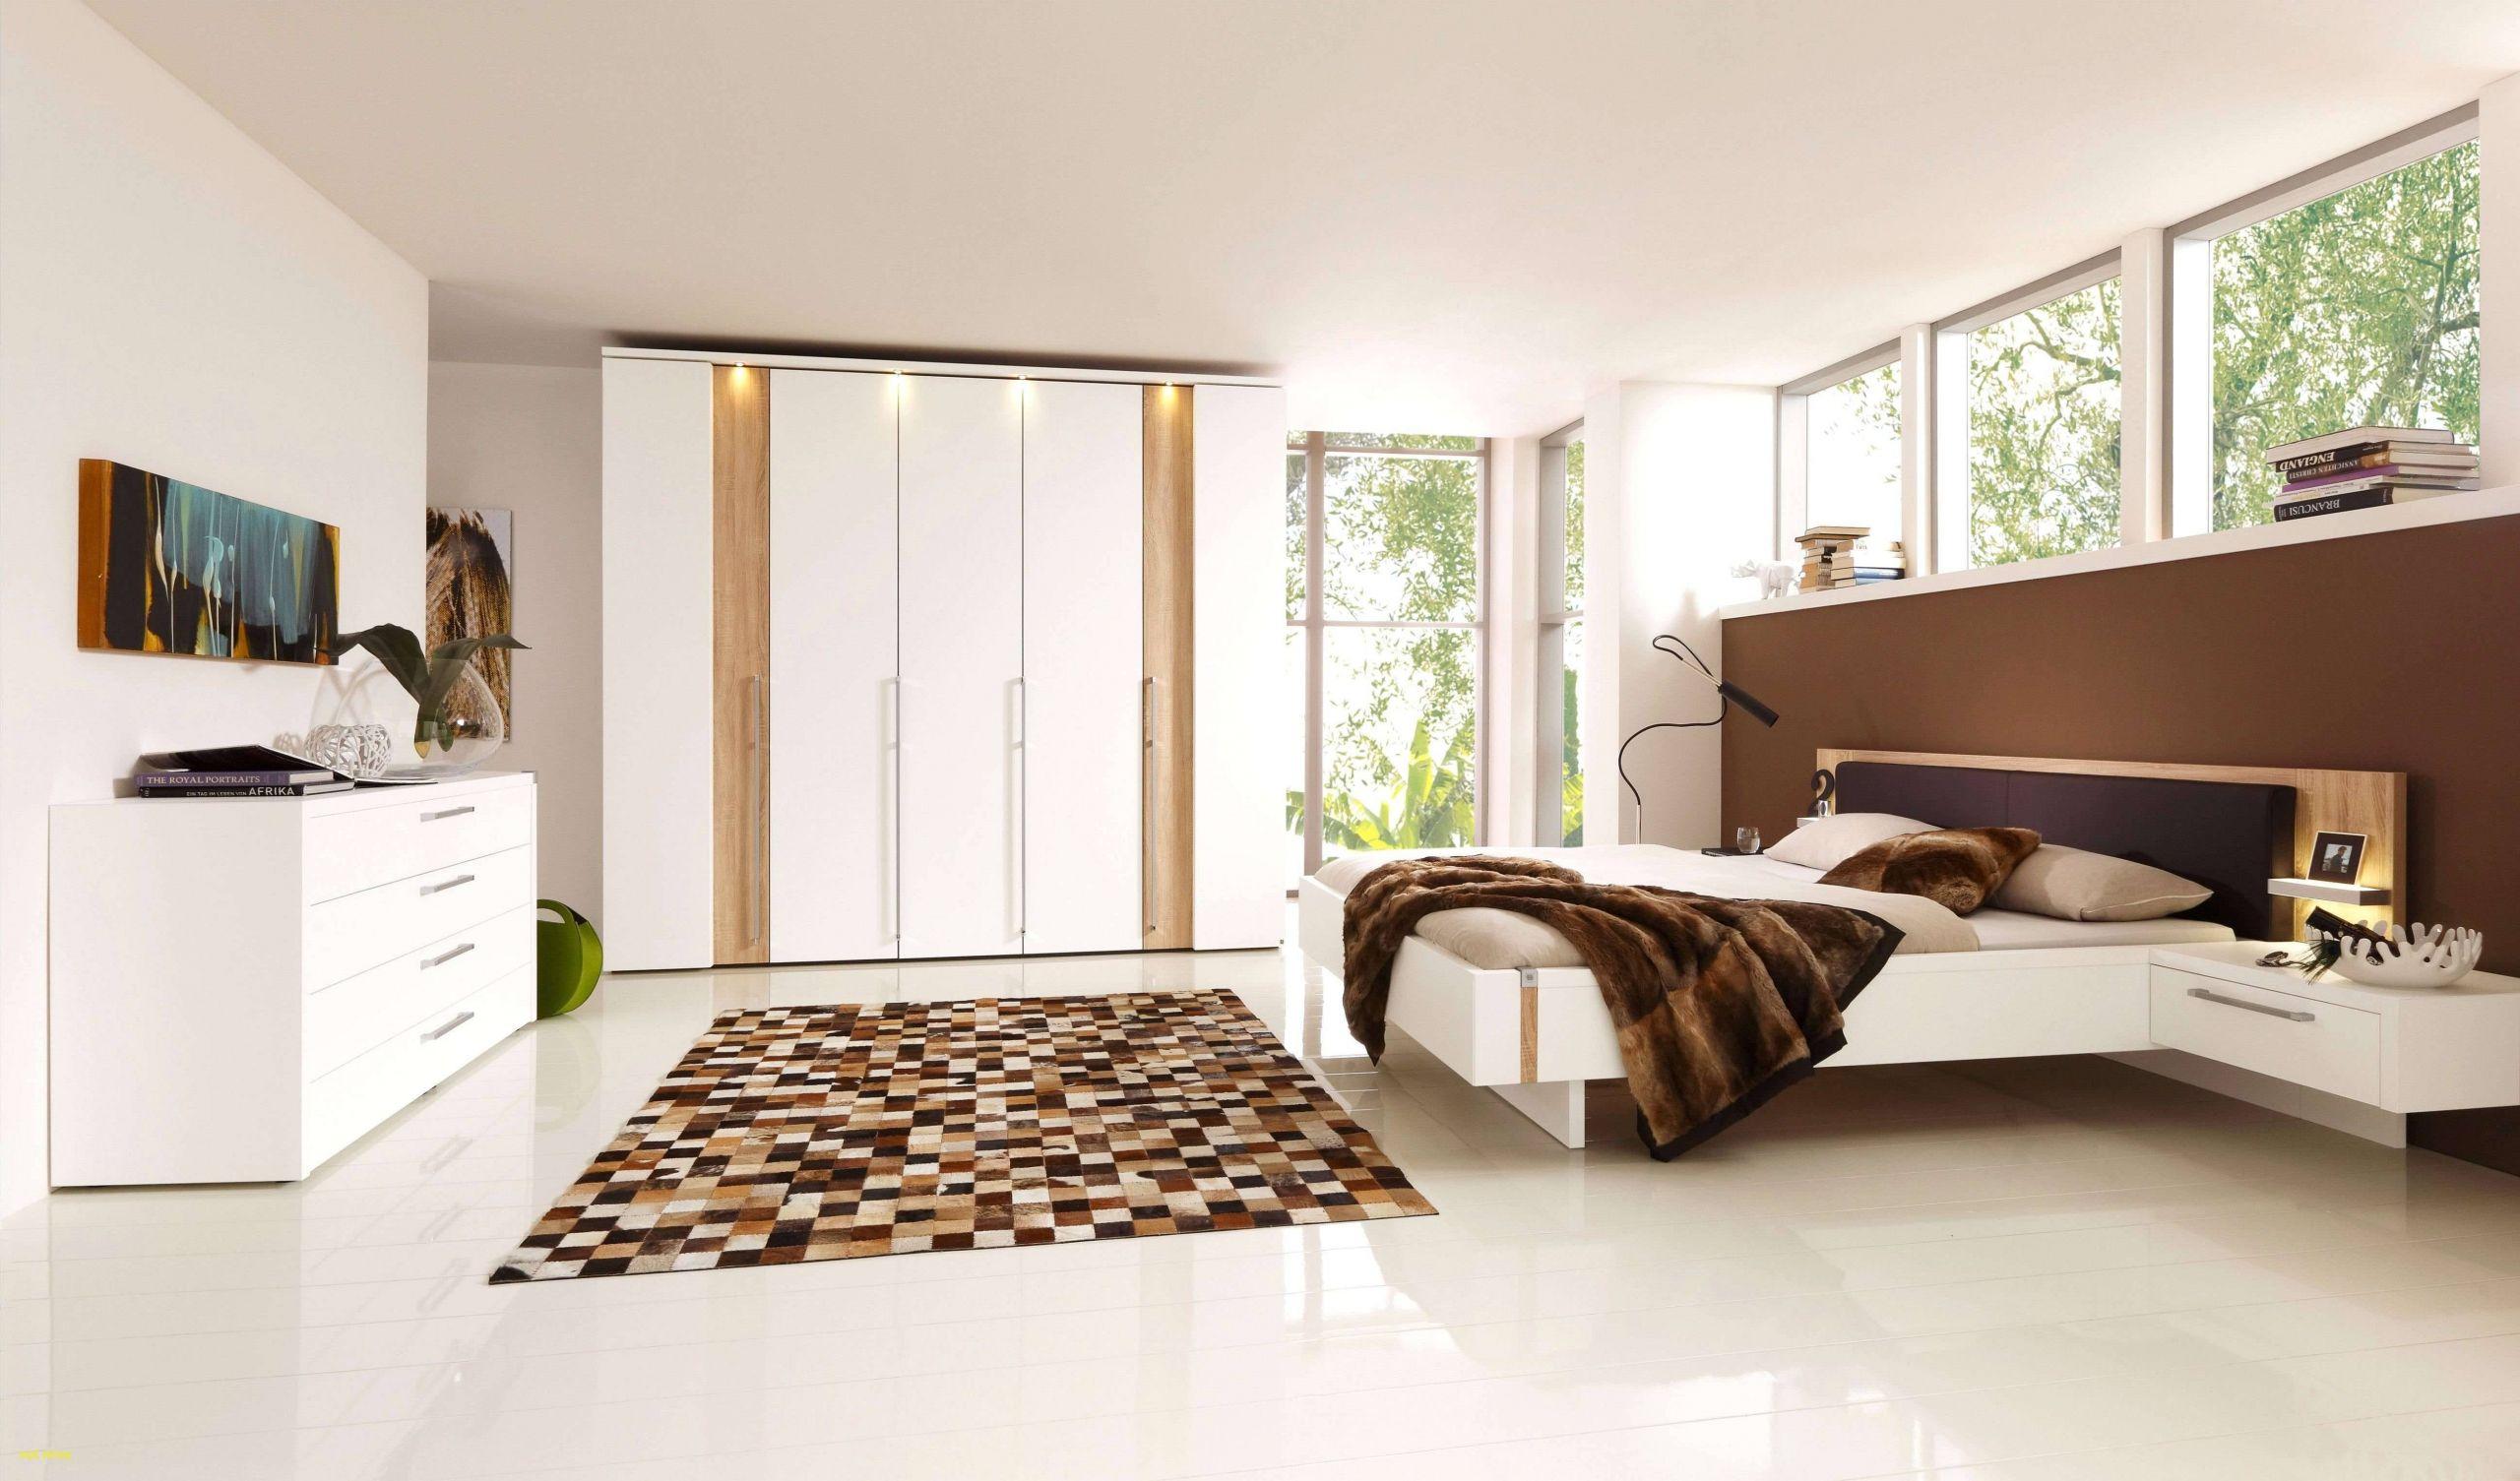 wohnzimmer ideen holz beautiful 48 das beste von wohnzimmer deko wand grafik of wohnzimmer ideen holz